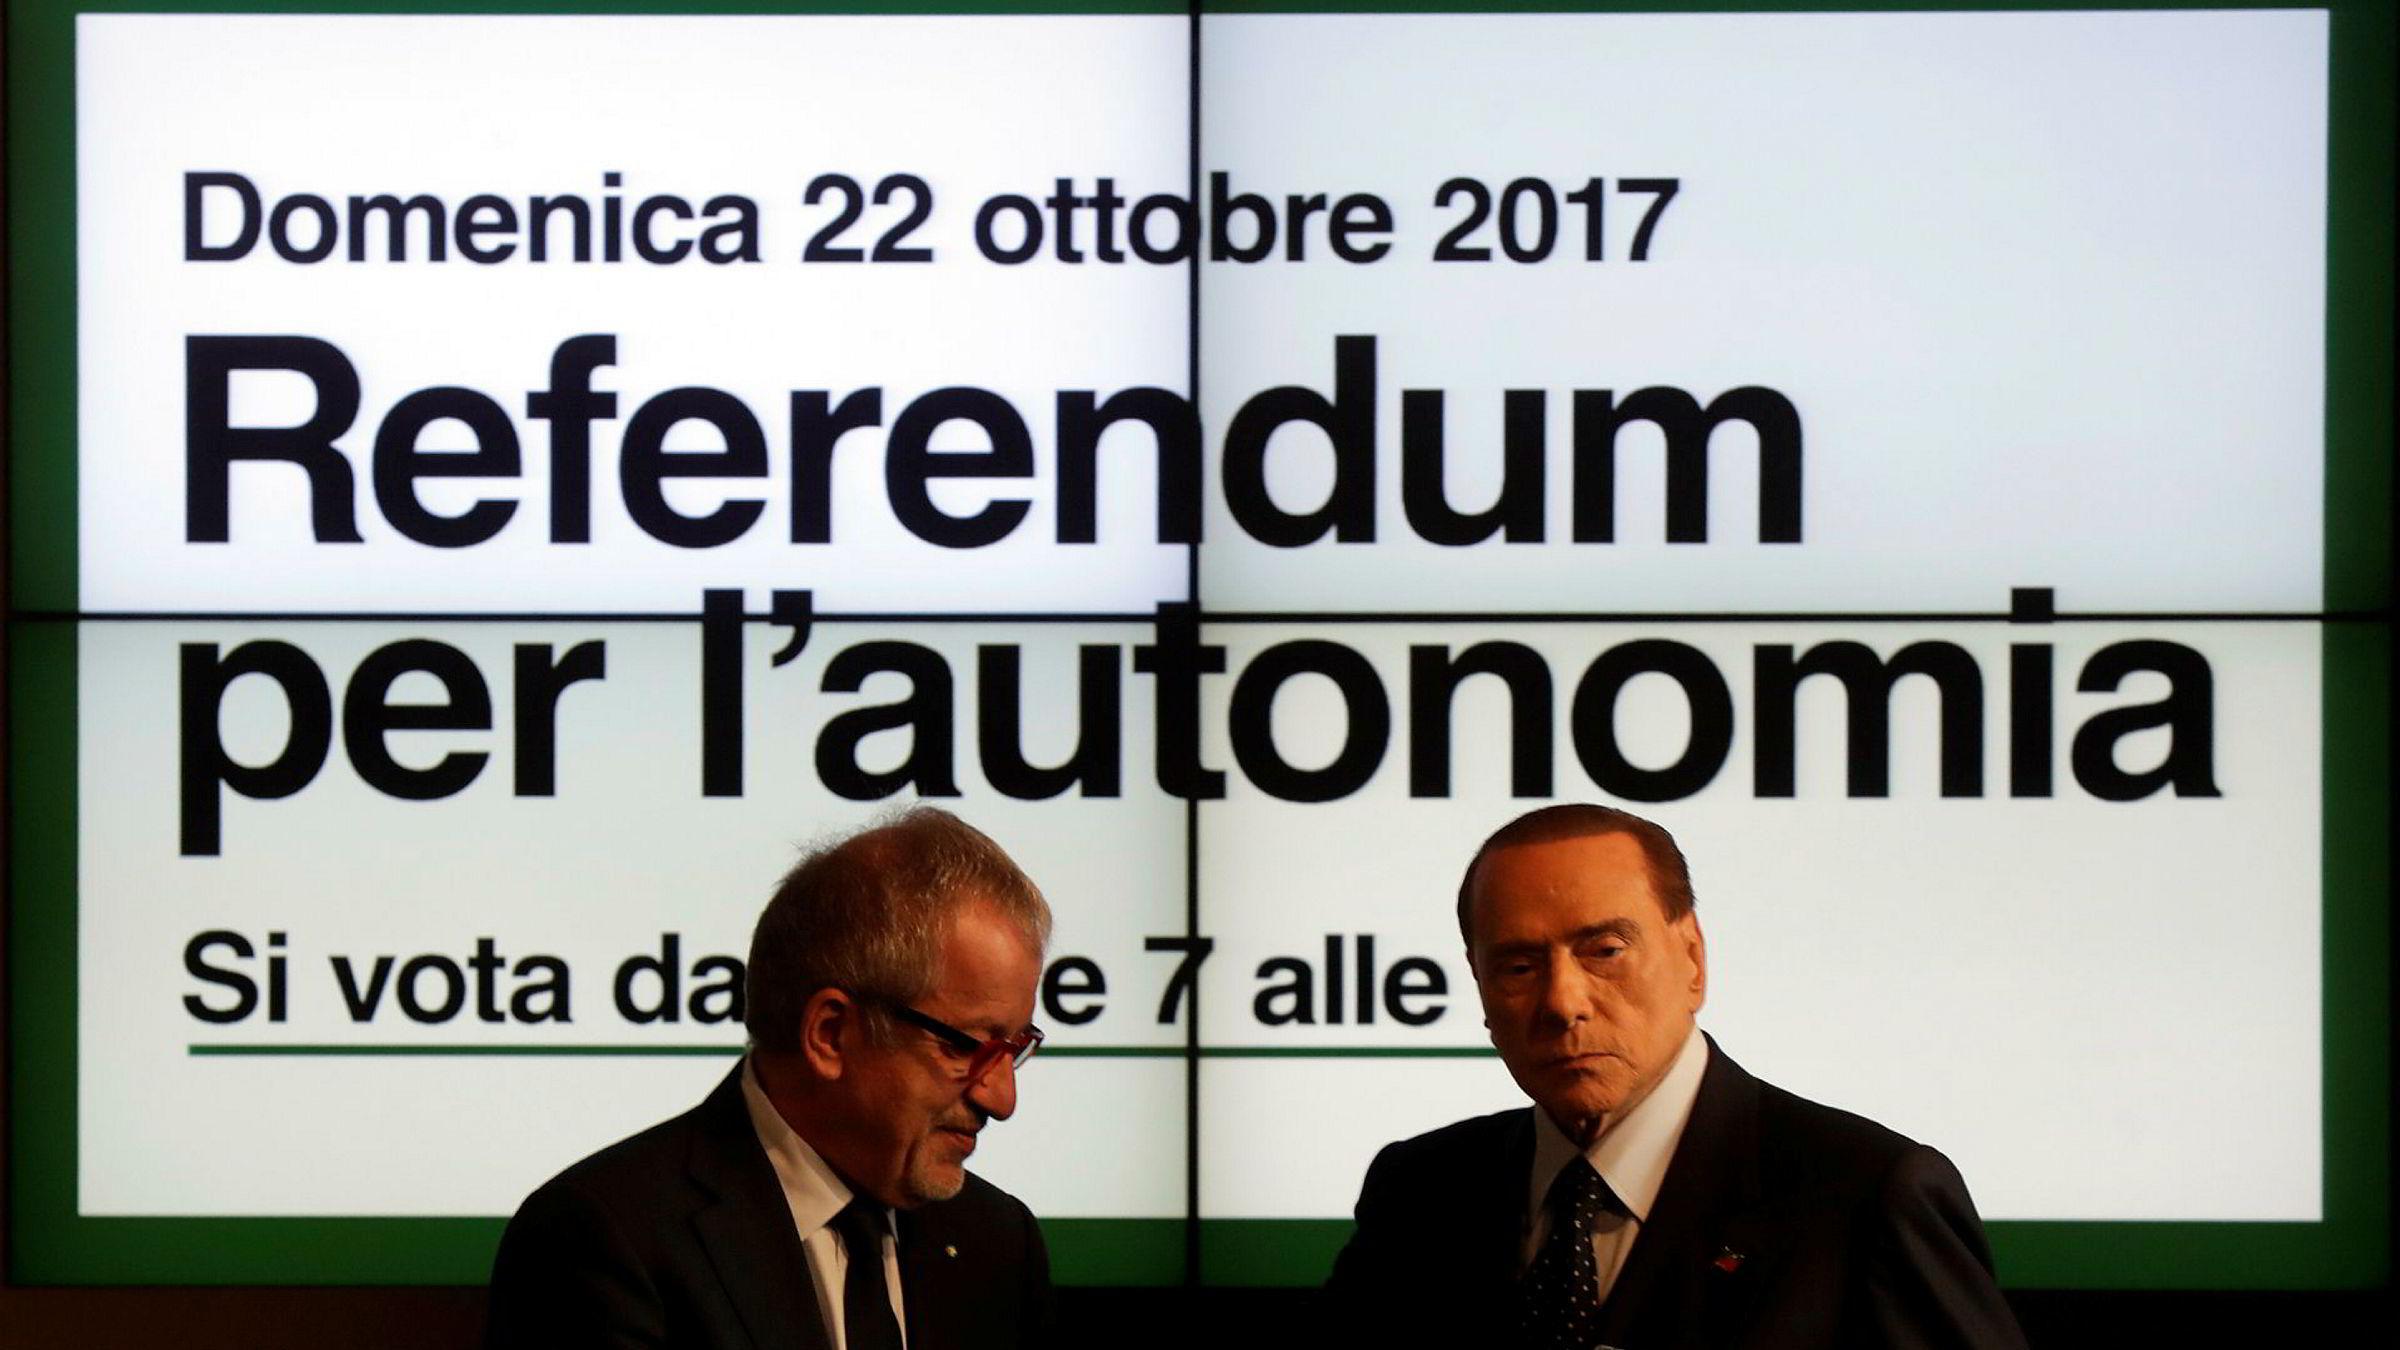 Den tidligere italienske statsminister, og leder for partiet Forza Italia, Silvio Berlusconi (til høyre), støtter folkeavstemningen om større selvstendighet for Lombardia og Veneto. Her er han avbildet sammen med Lombardias regionsleder Roberto Maroni.